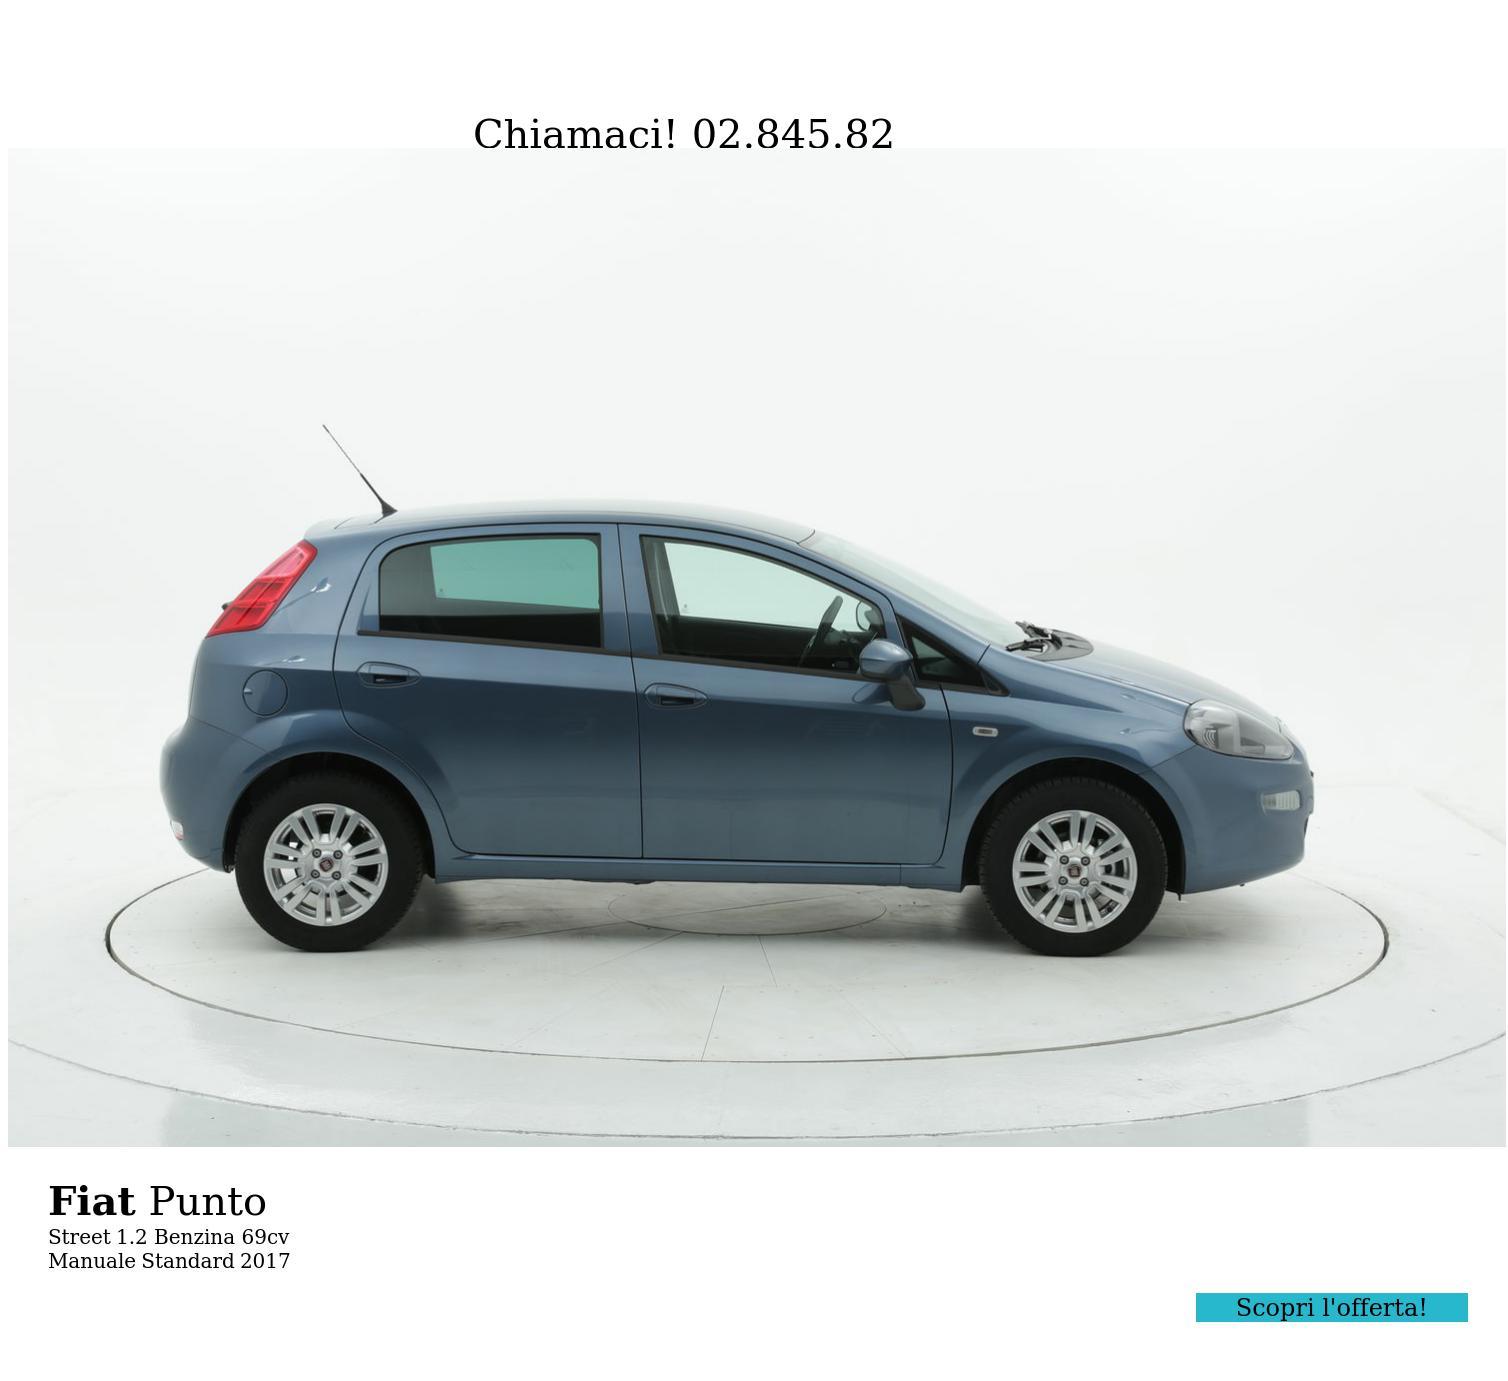 Fiat Punto Street km 0 benzina azzurra | brumbrum